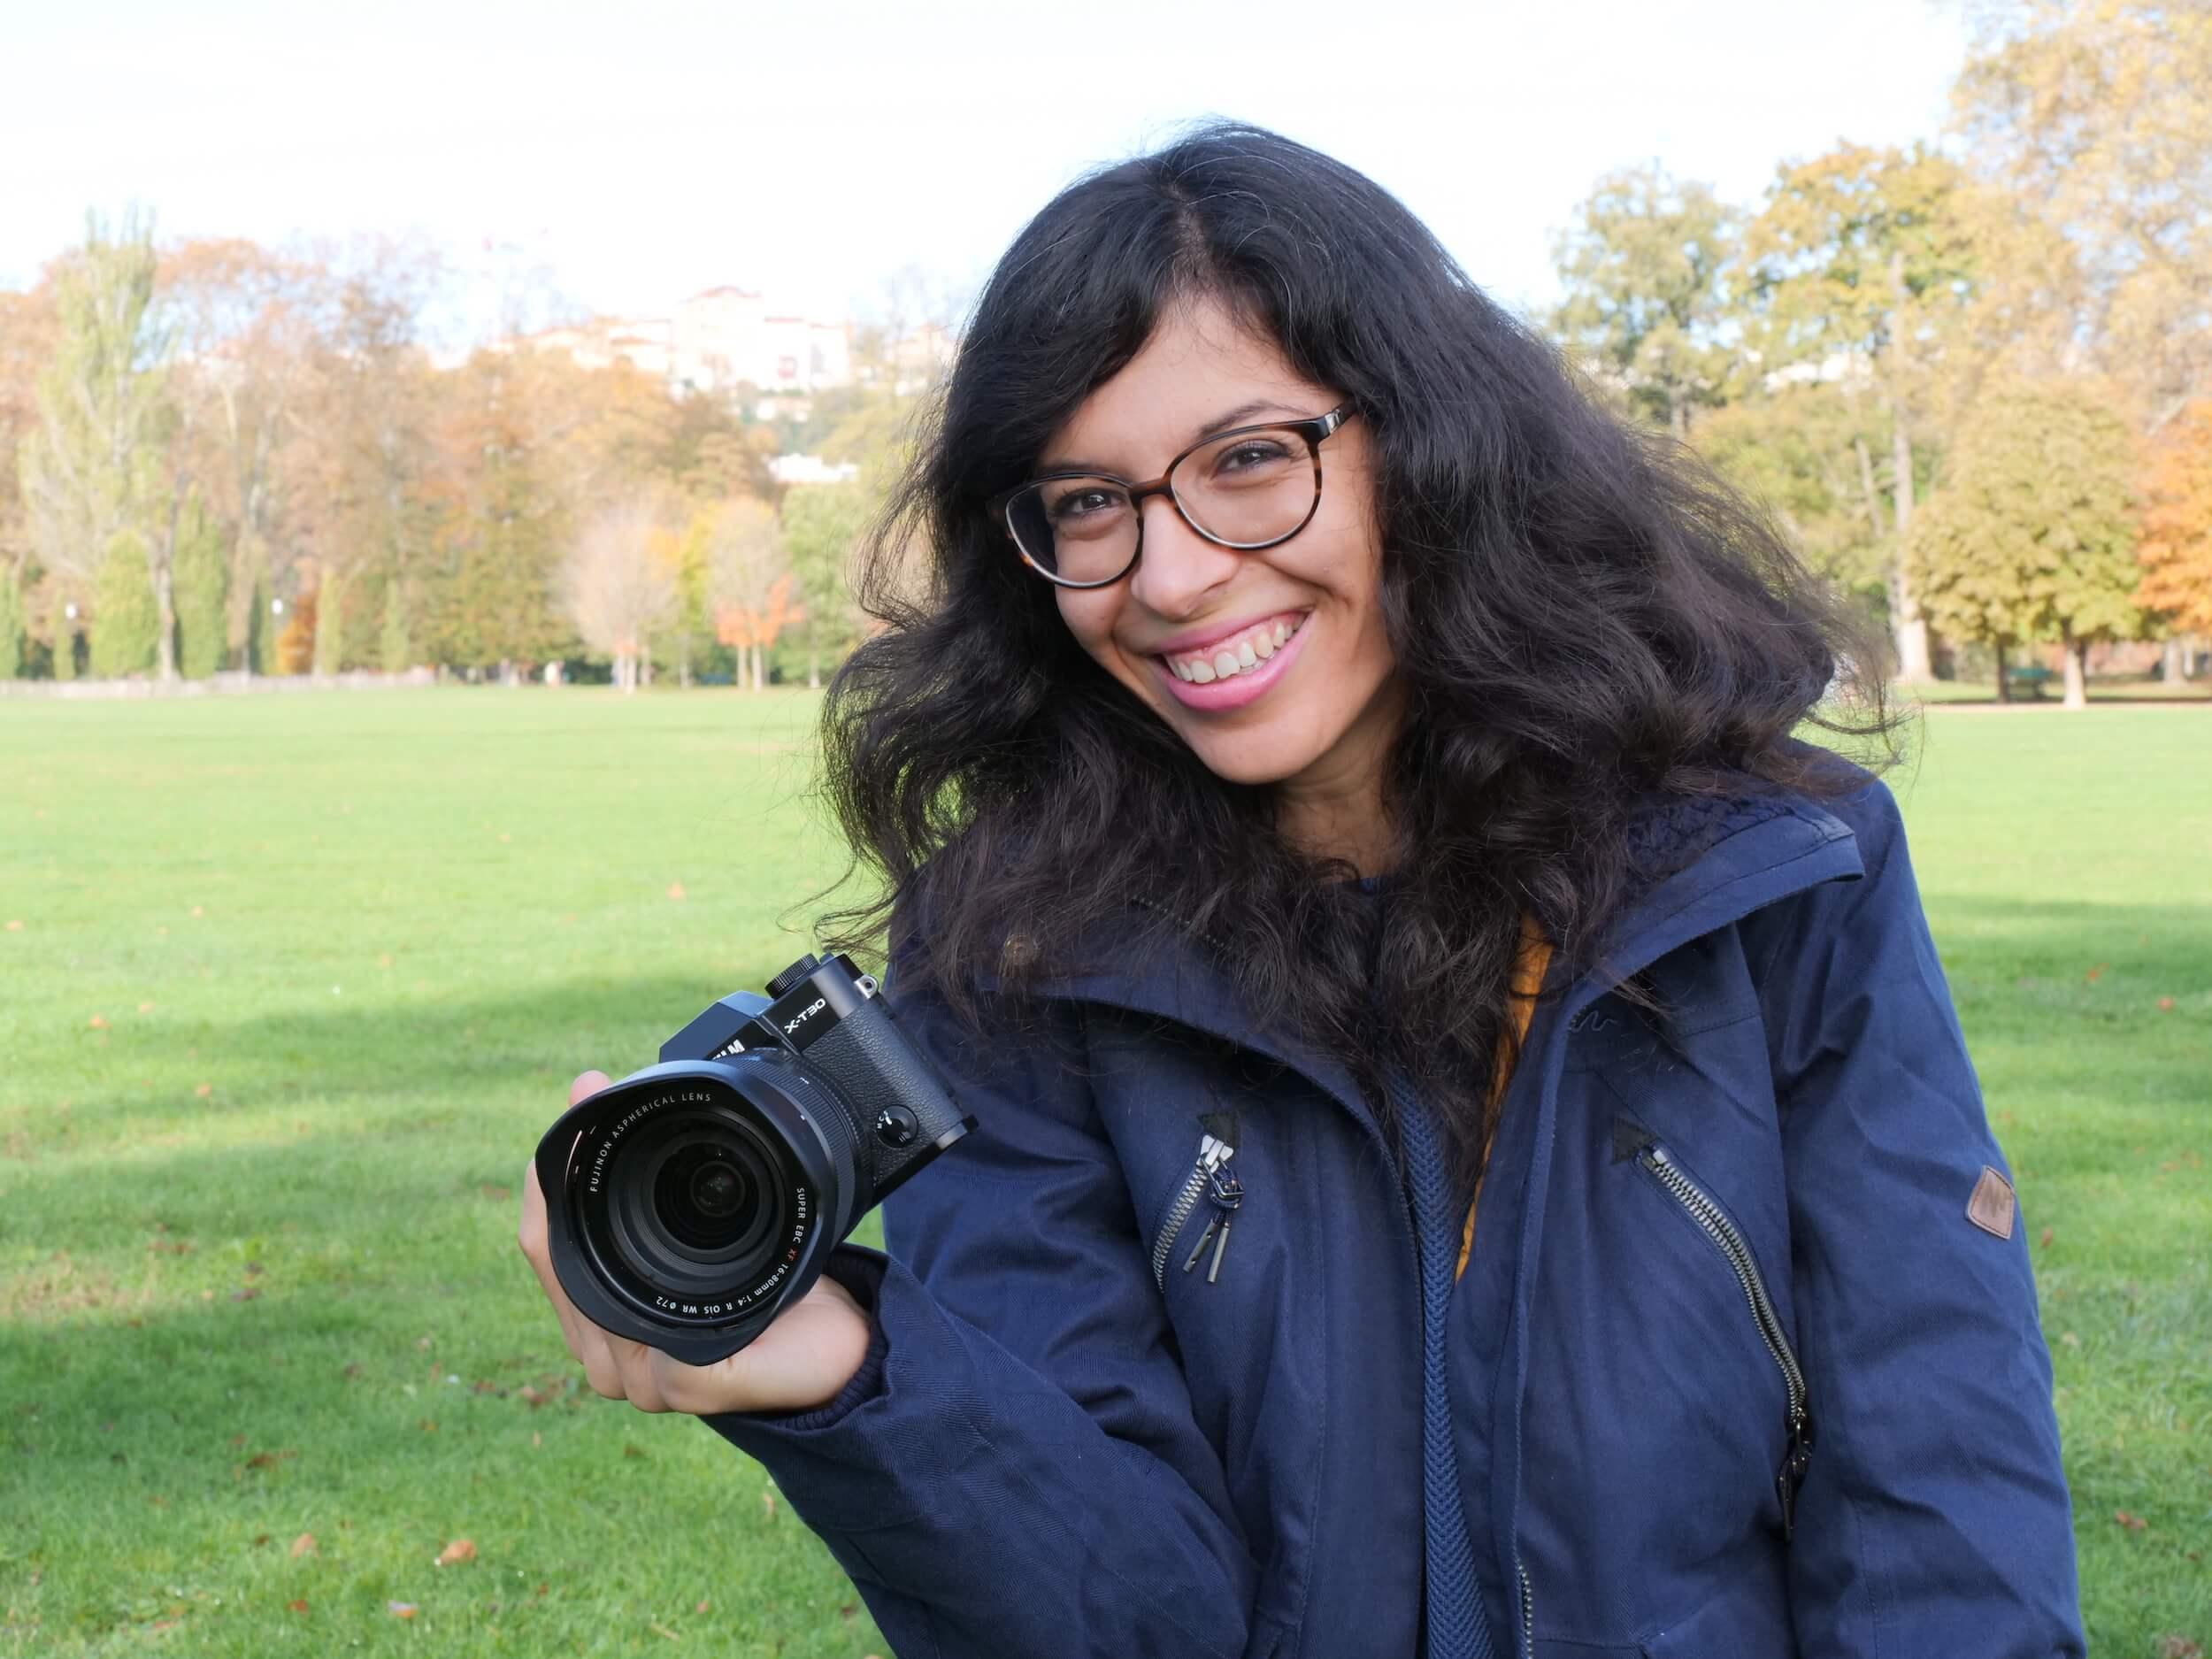 Exemple d'appareil photo testé avant de choisir le plein format